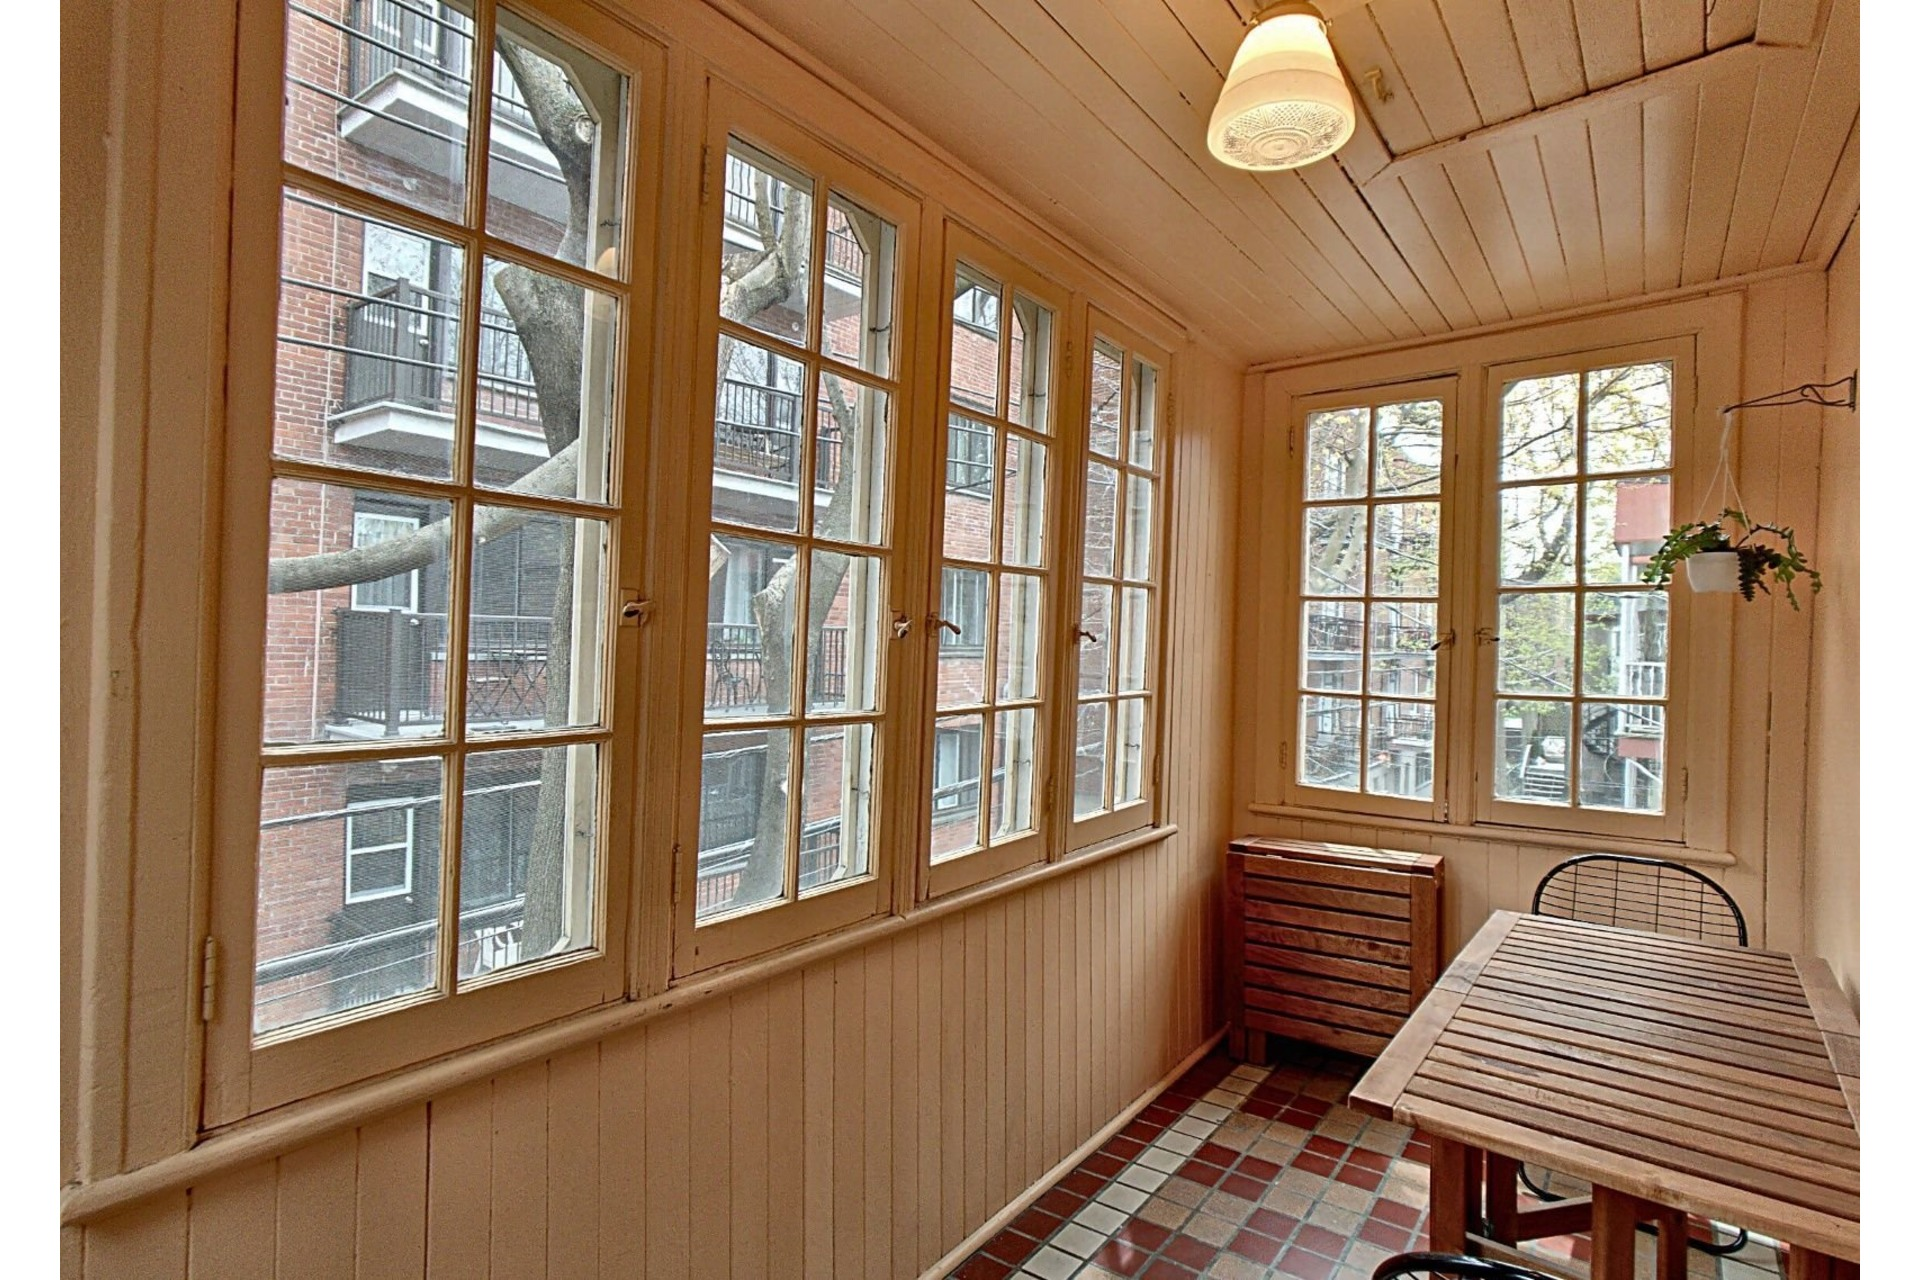 image 22 - Appartement À vendre Côte-des-Neiges/Notre-Dame-de-Grâce Montréal  - 10 pièces